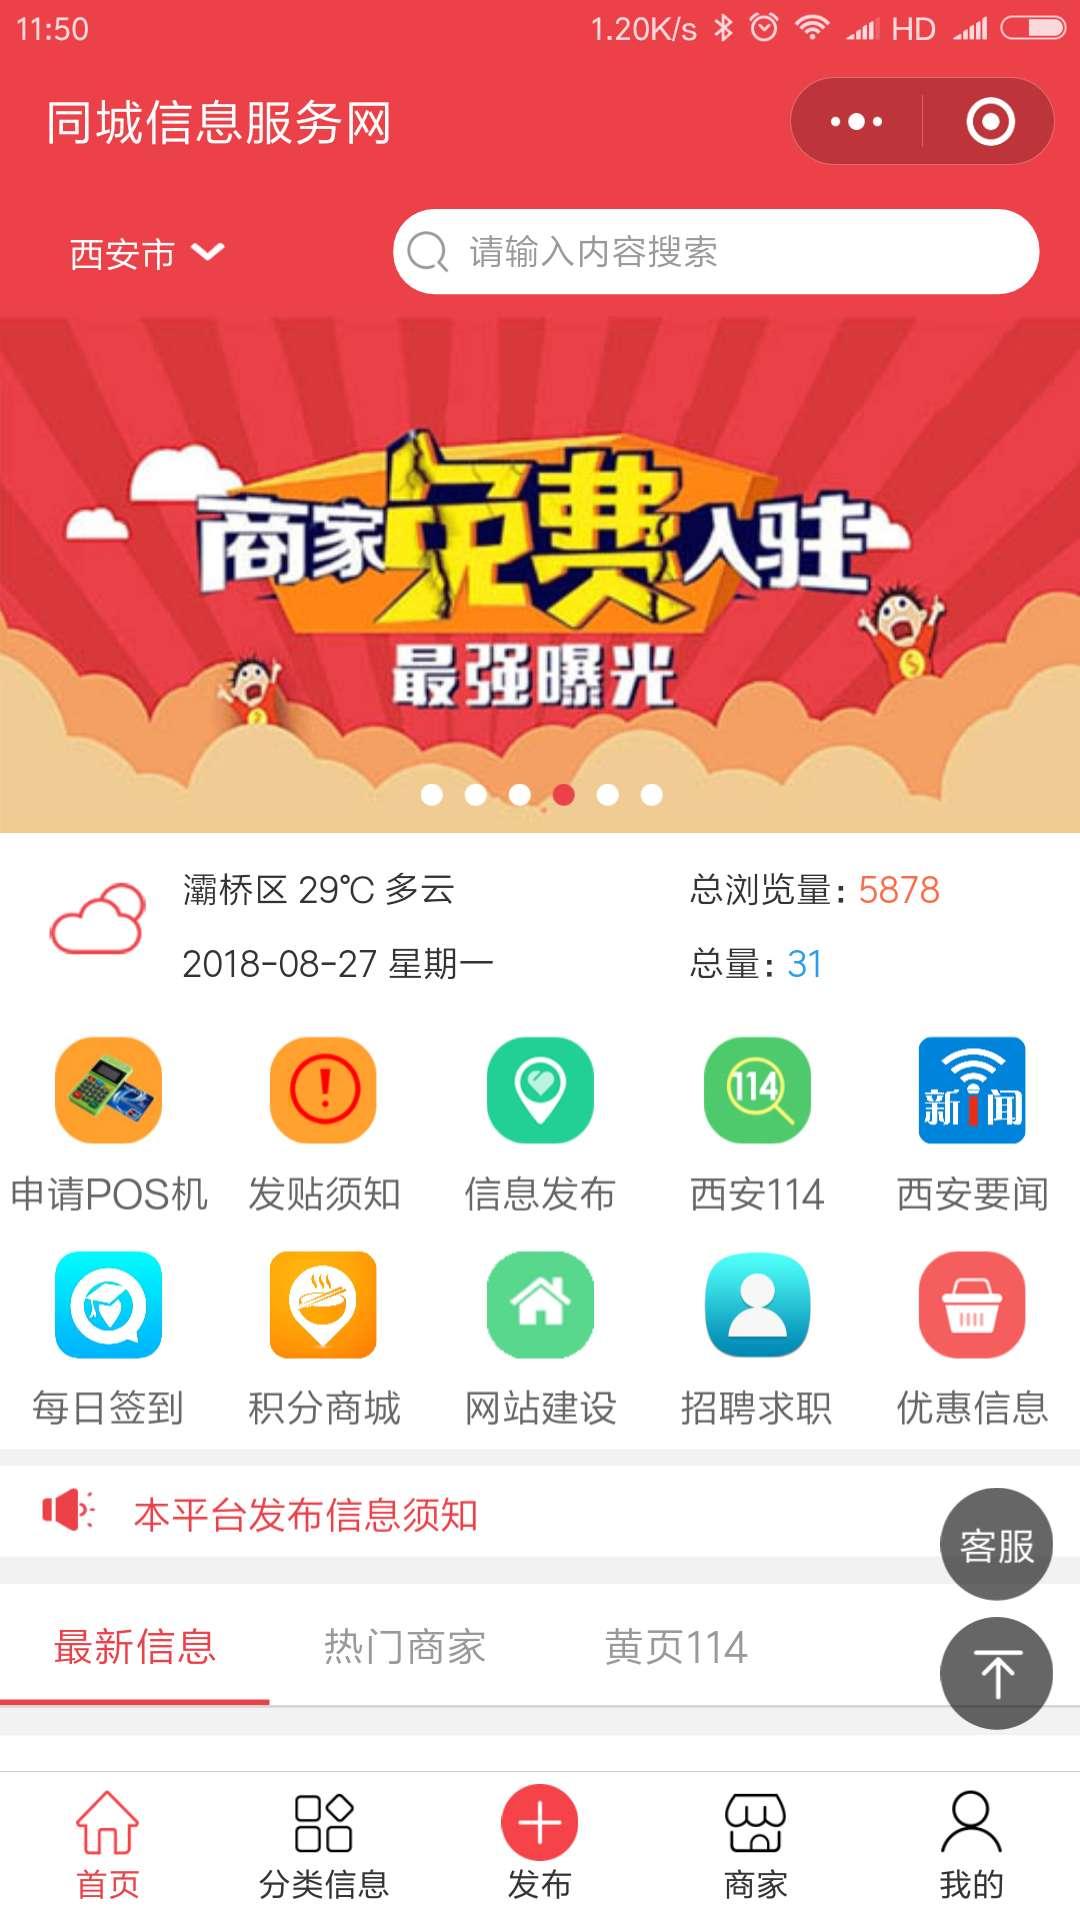 西安同城信息服务网小程序